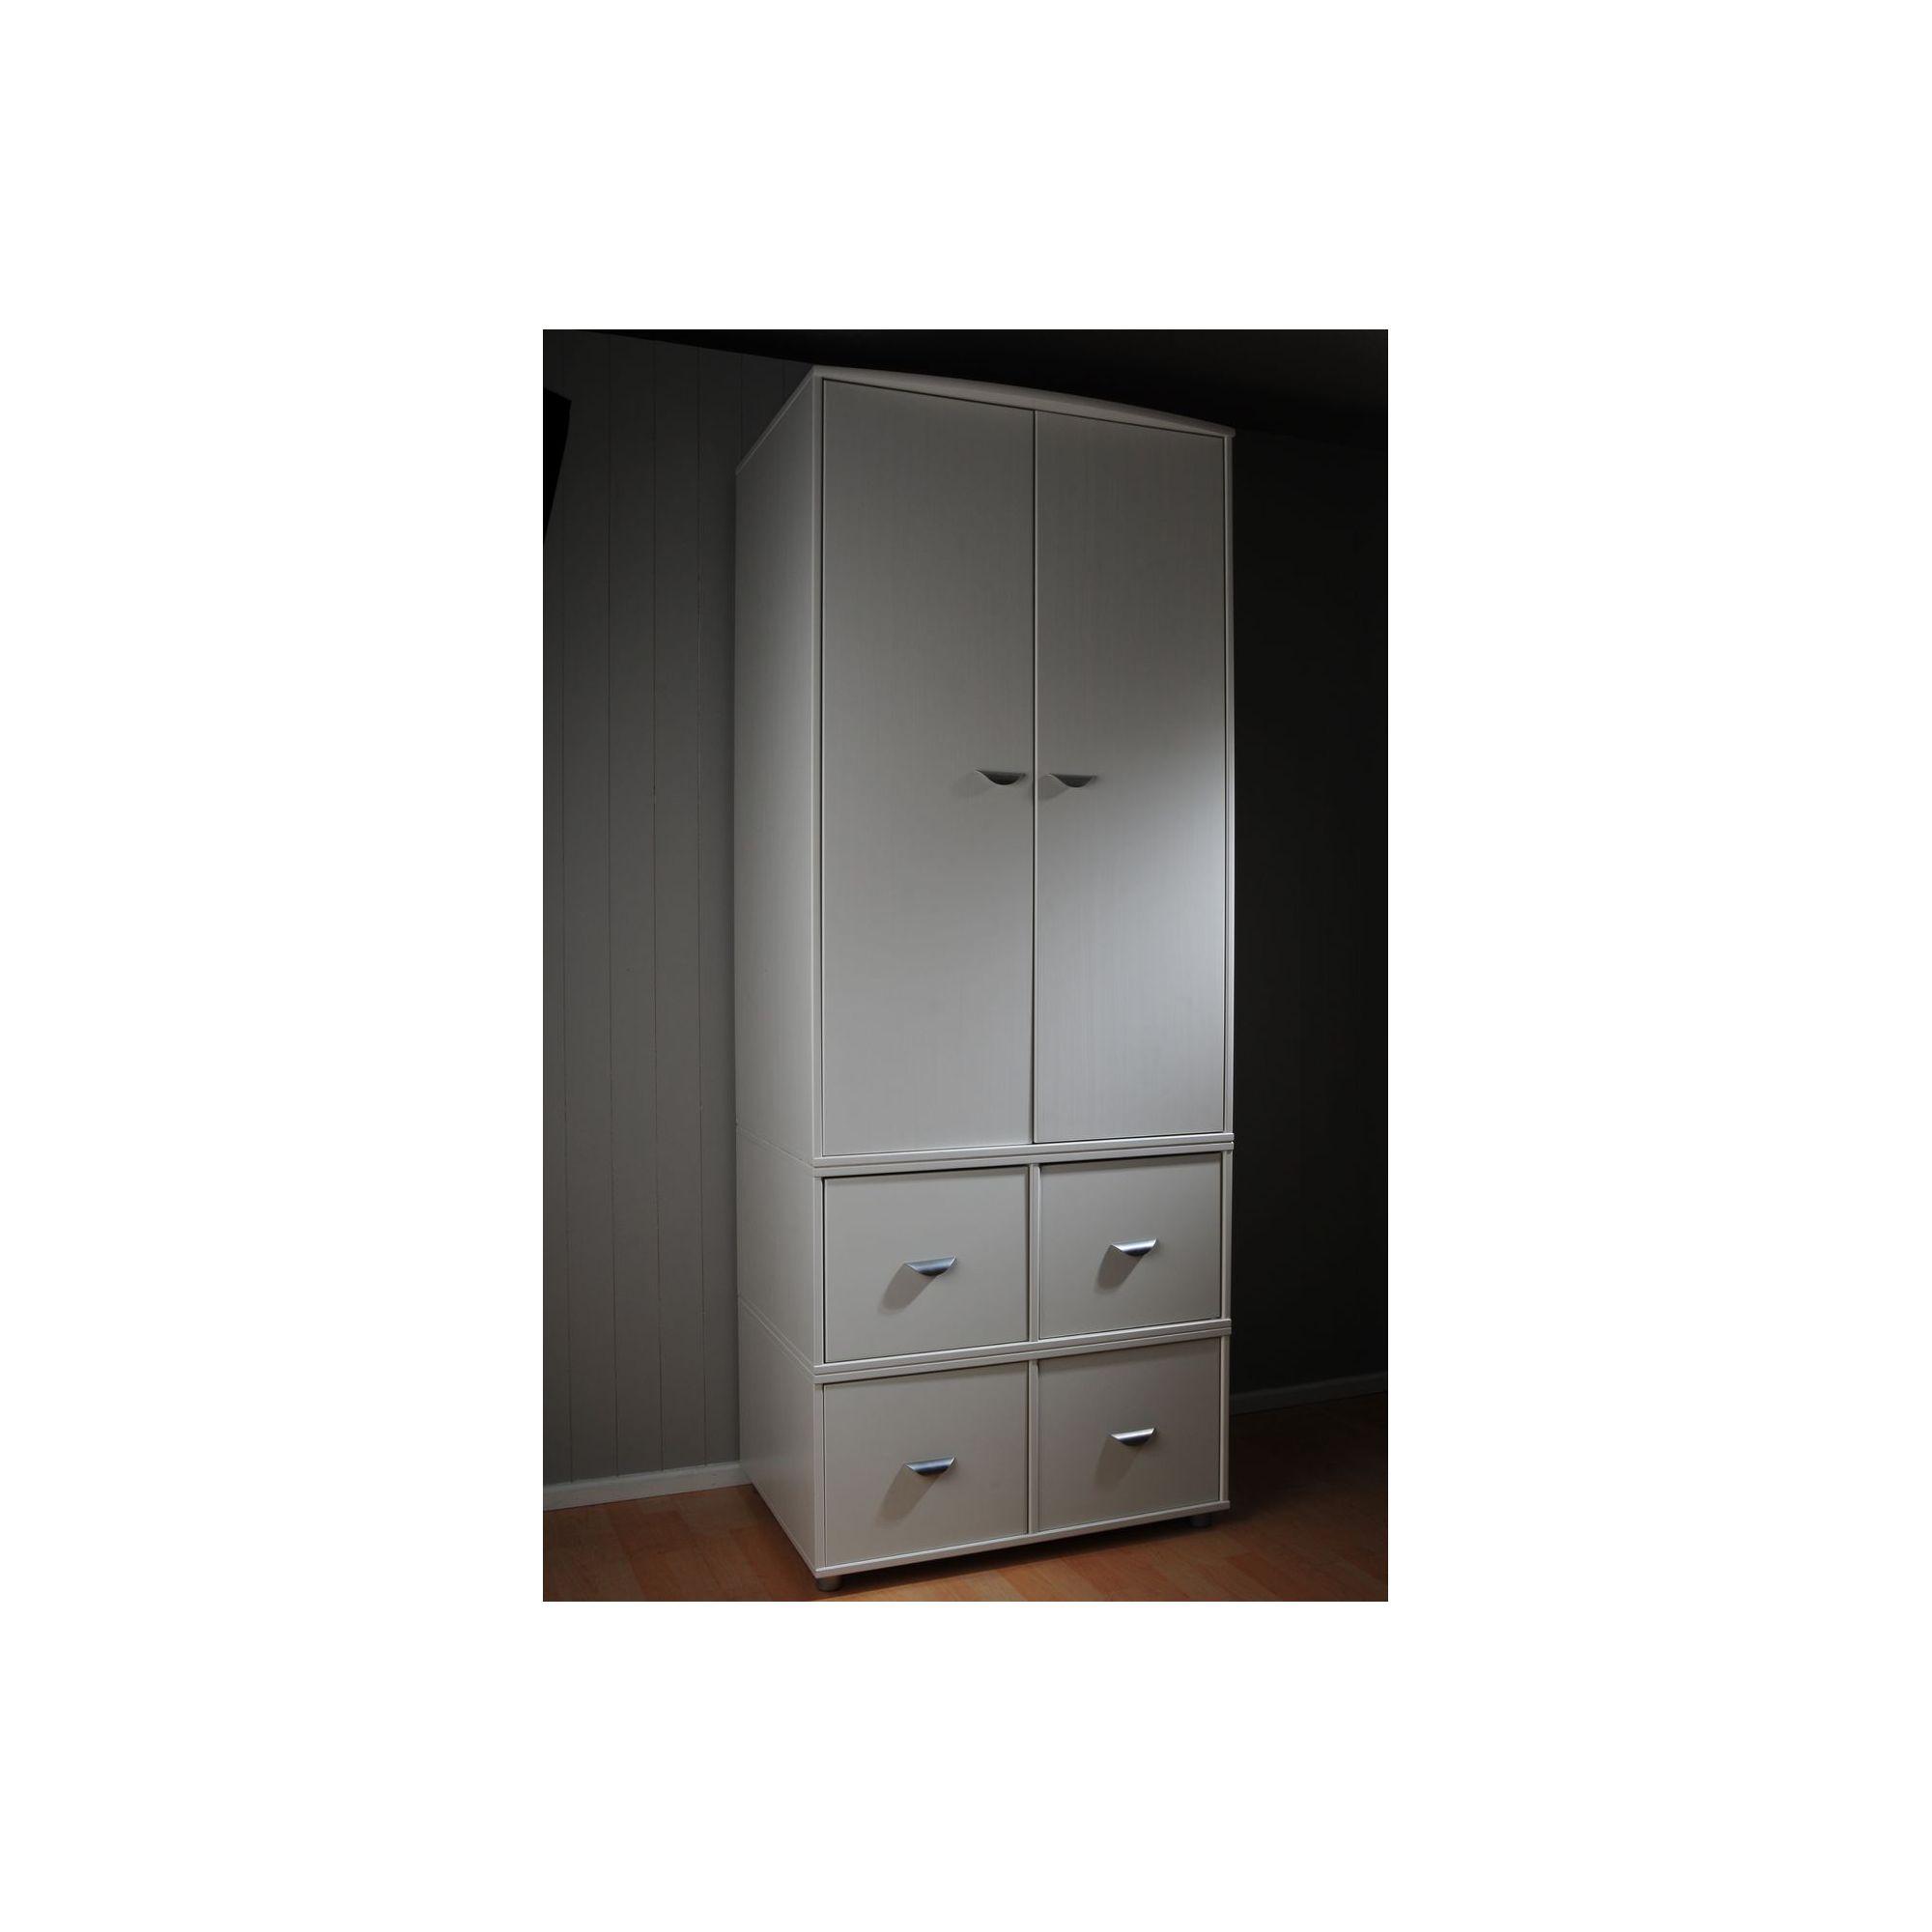 Stompa 2 Door 4 Drawer Wardrobe - Antique - White at Tesco Direct